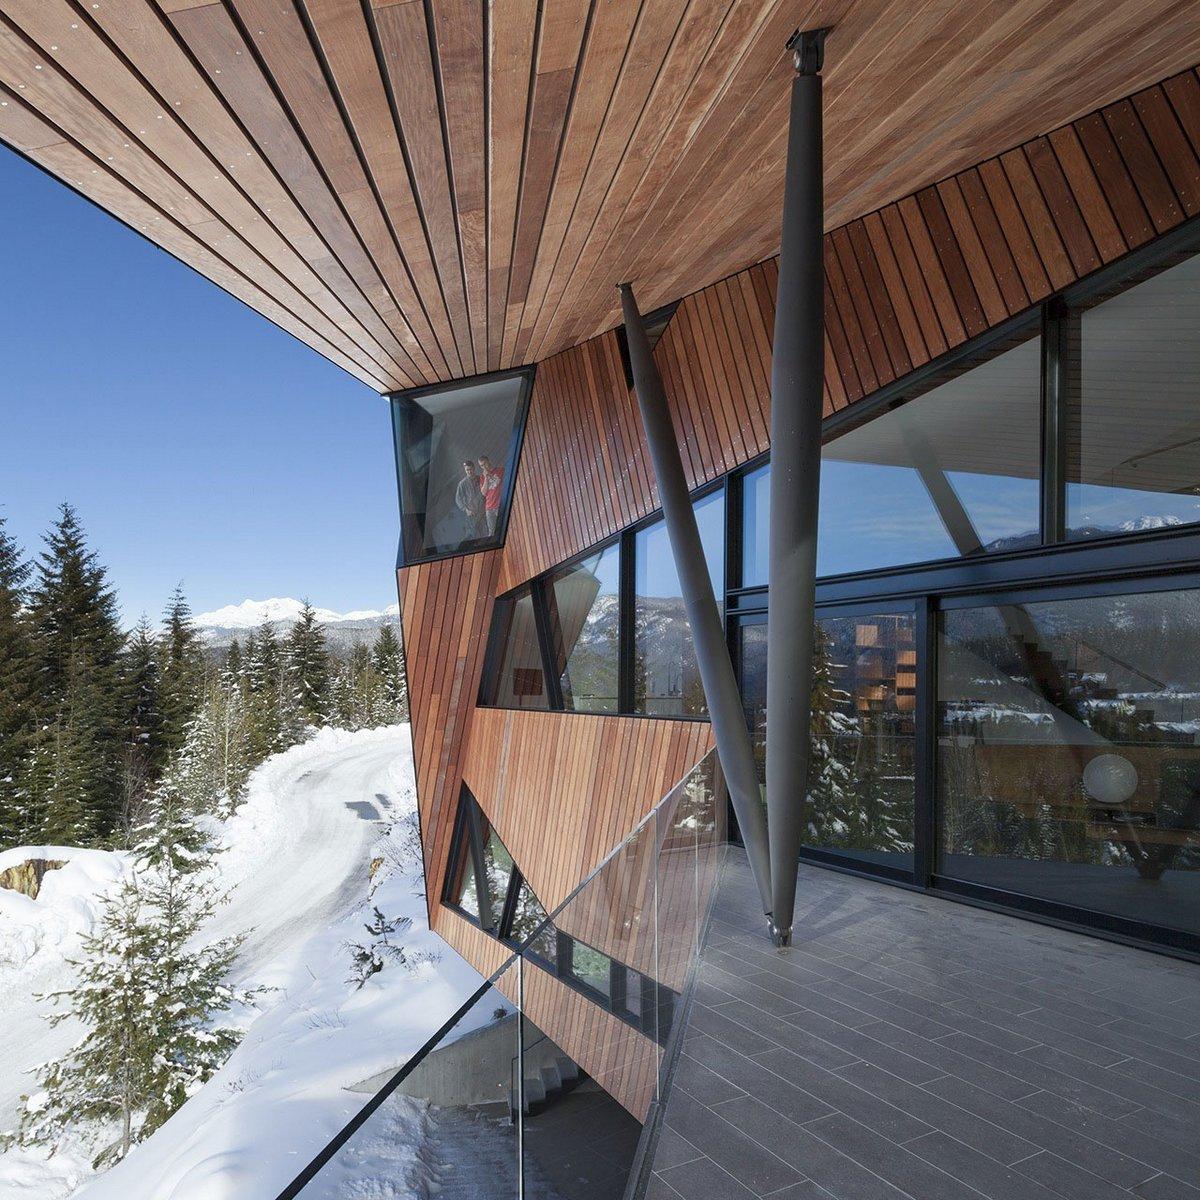 Patkau Architects, сложная архитектура зданий, выдающаяся архитектура фото, необычный частный дом, особняки в Канаде, дома в Британской Колумбии